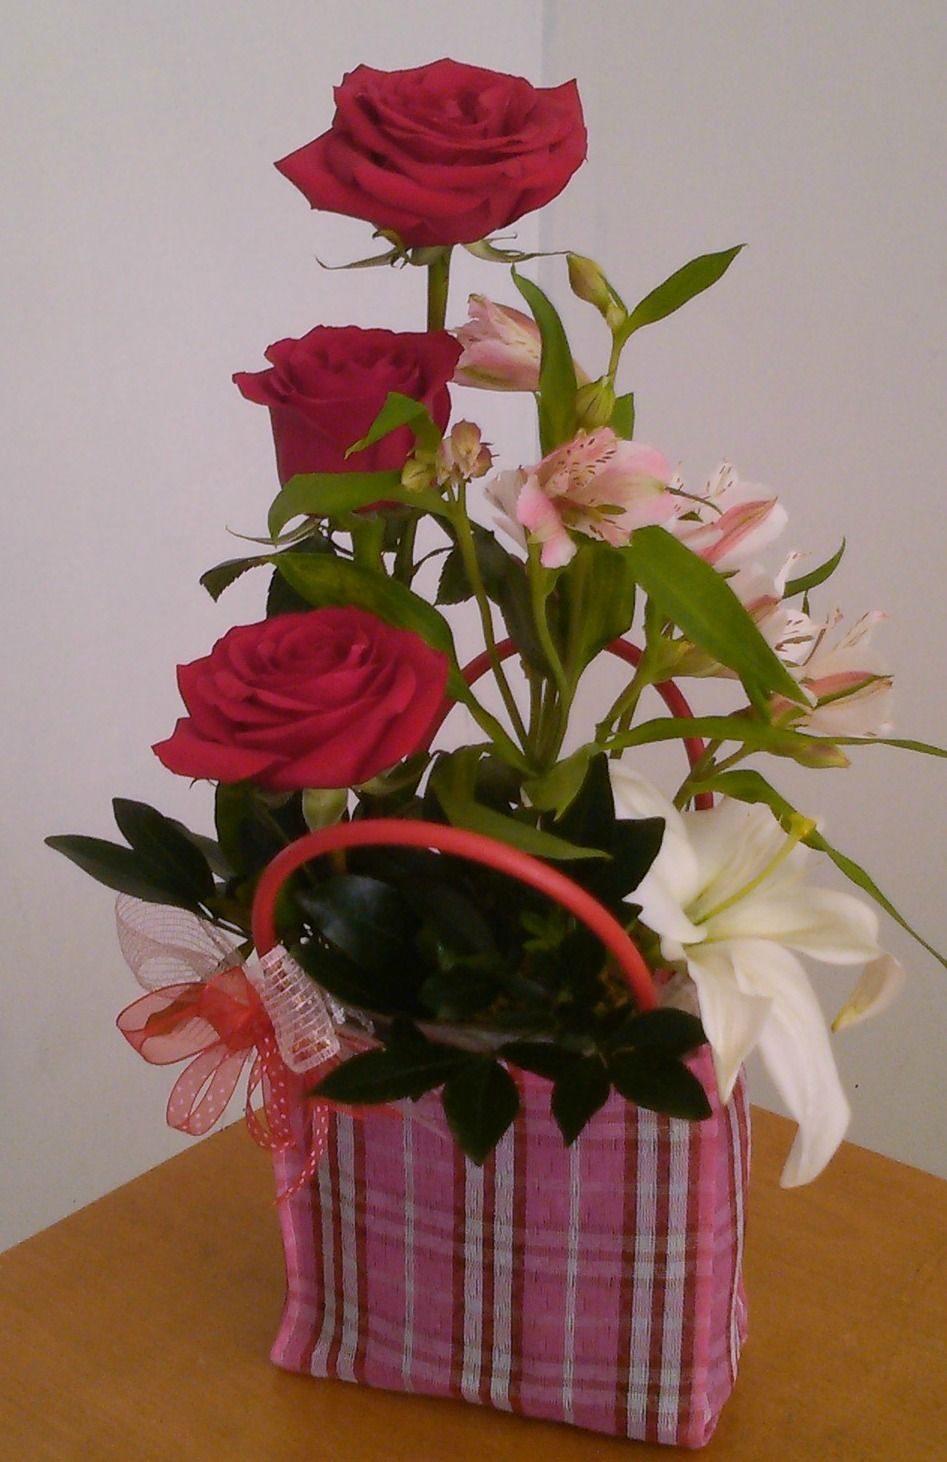 Original Arreglo Floral Arreglos Florales Arreglos